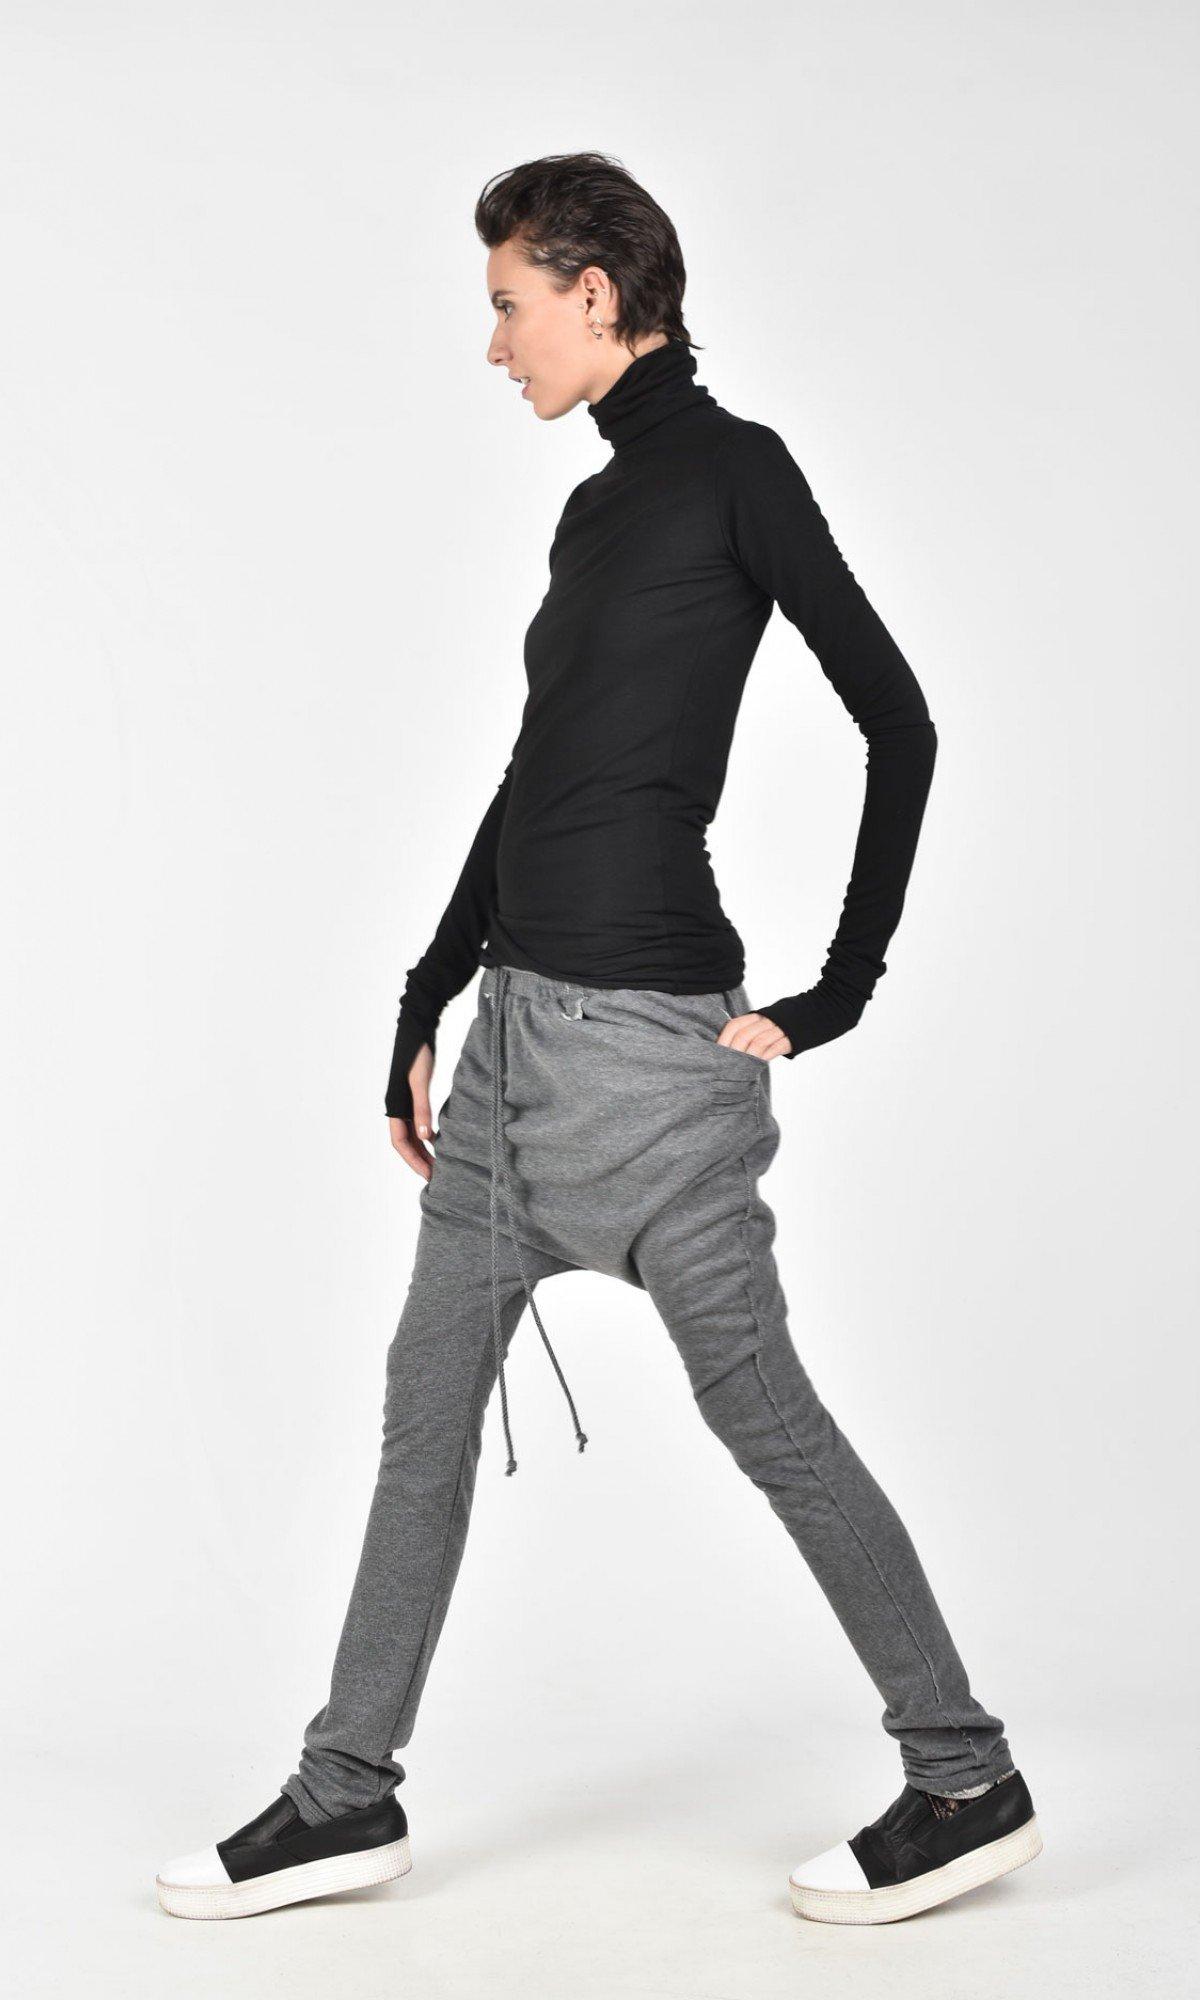 Loose Casual Drop Crotch Pants A05392